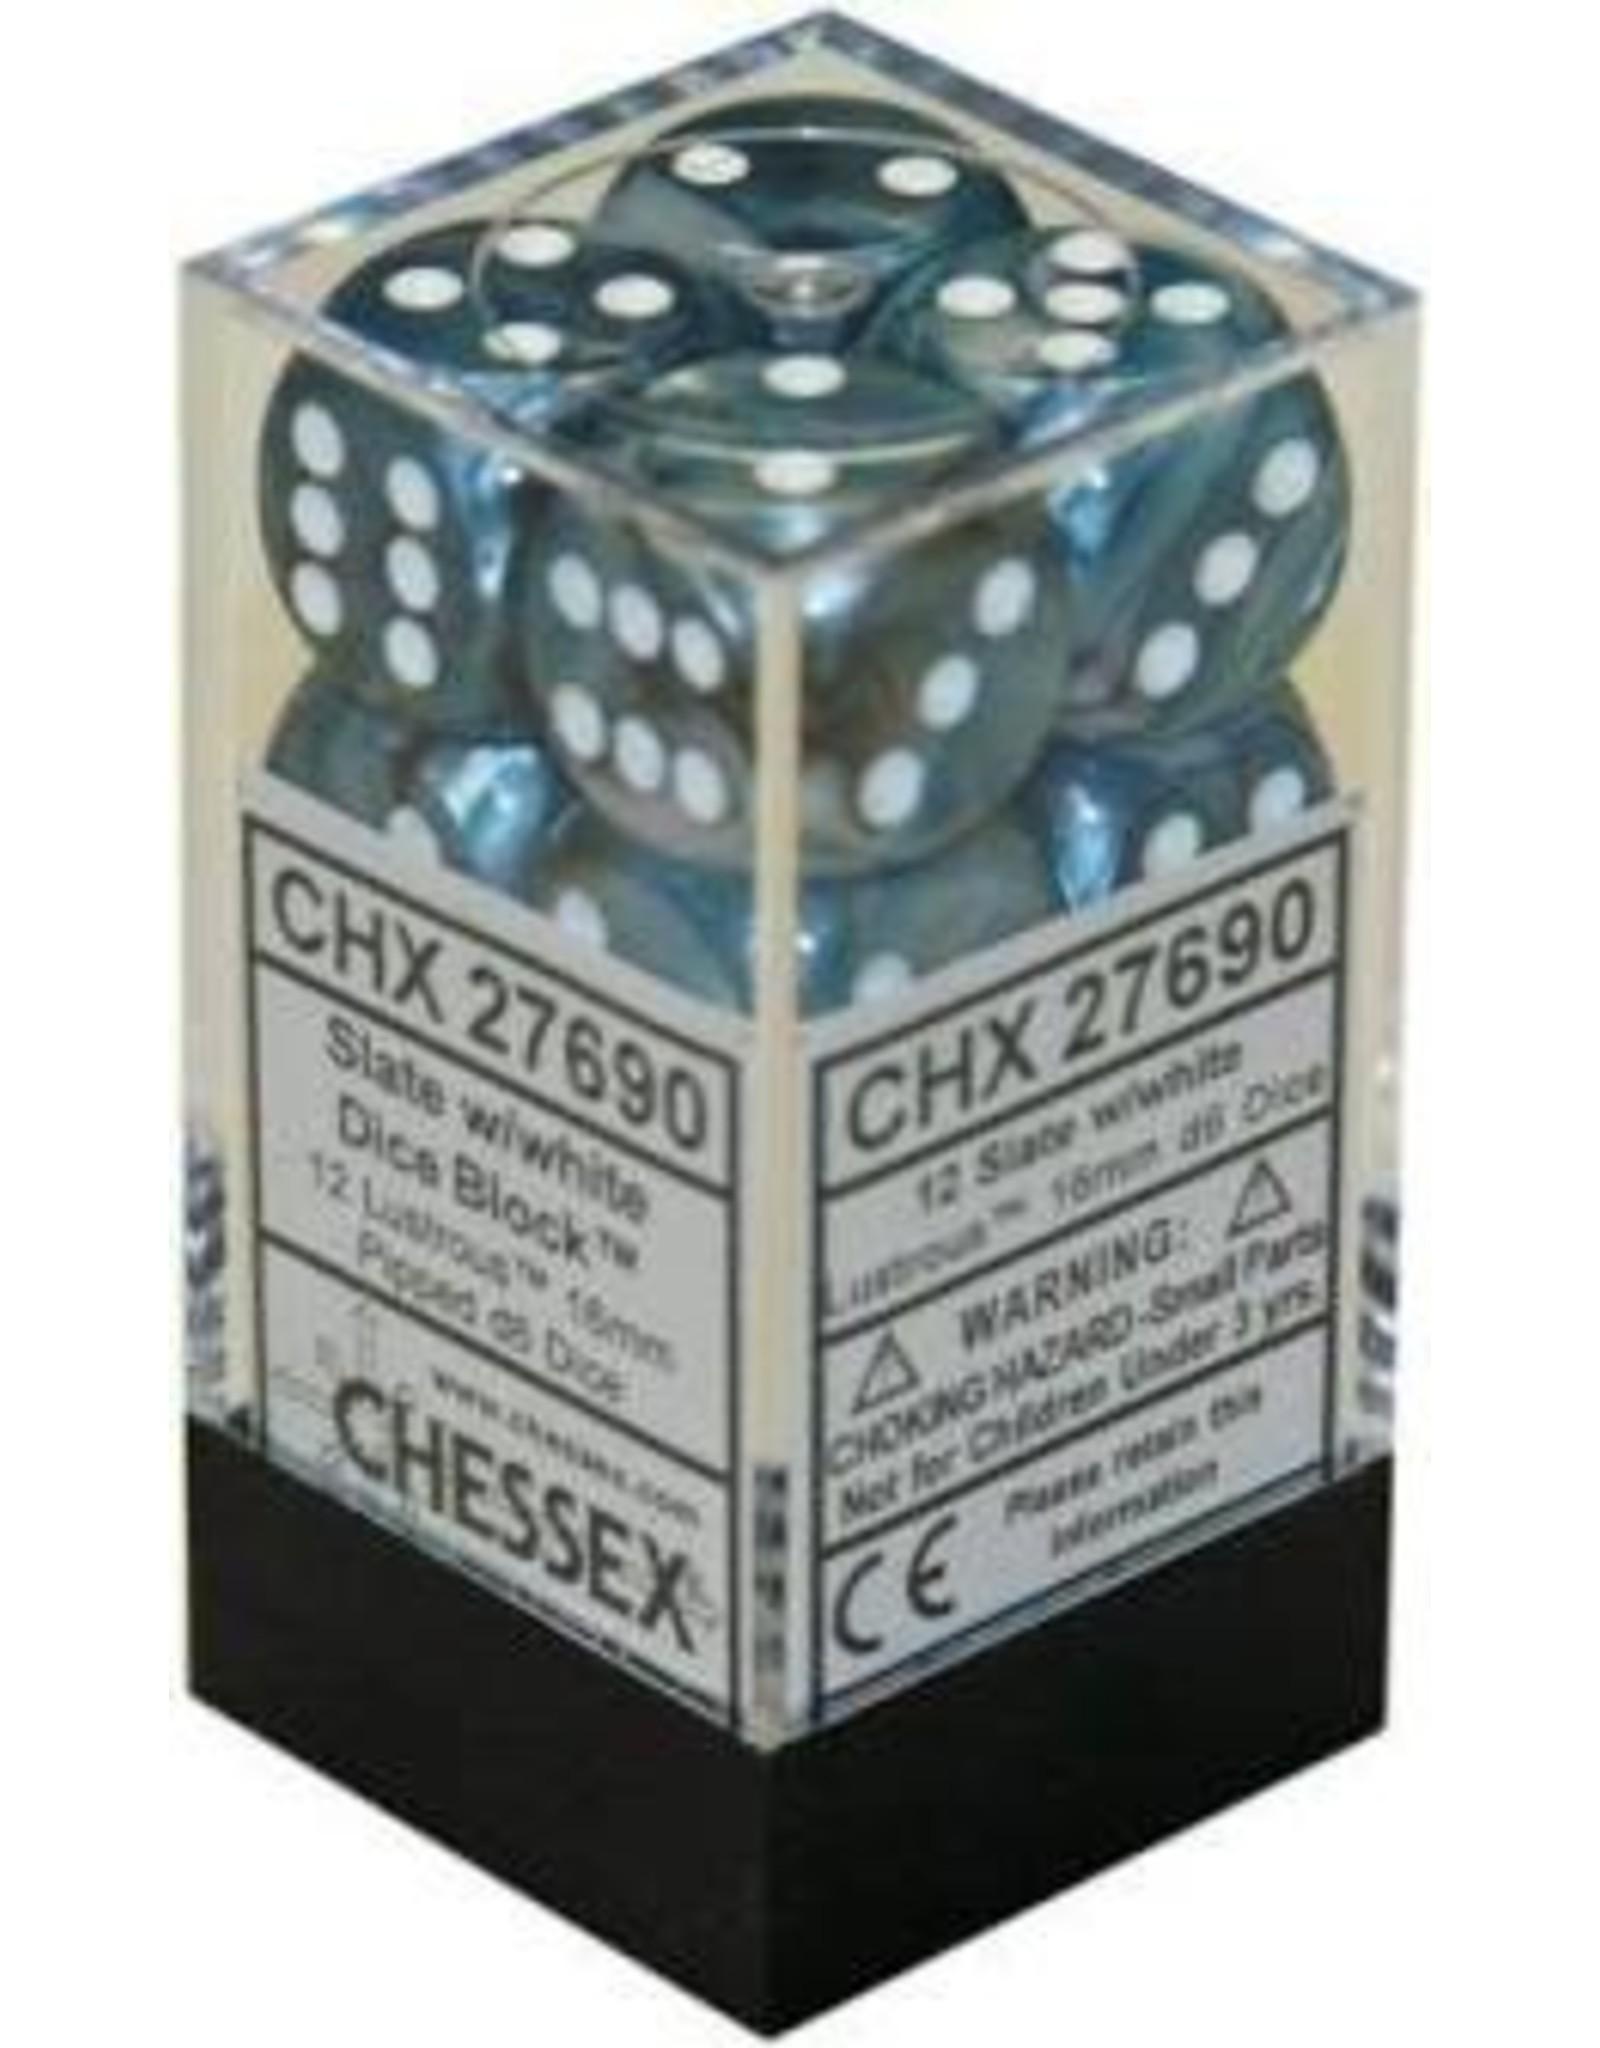 Chessex Lustrous 16mm D6 Slate/white